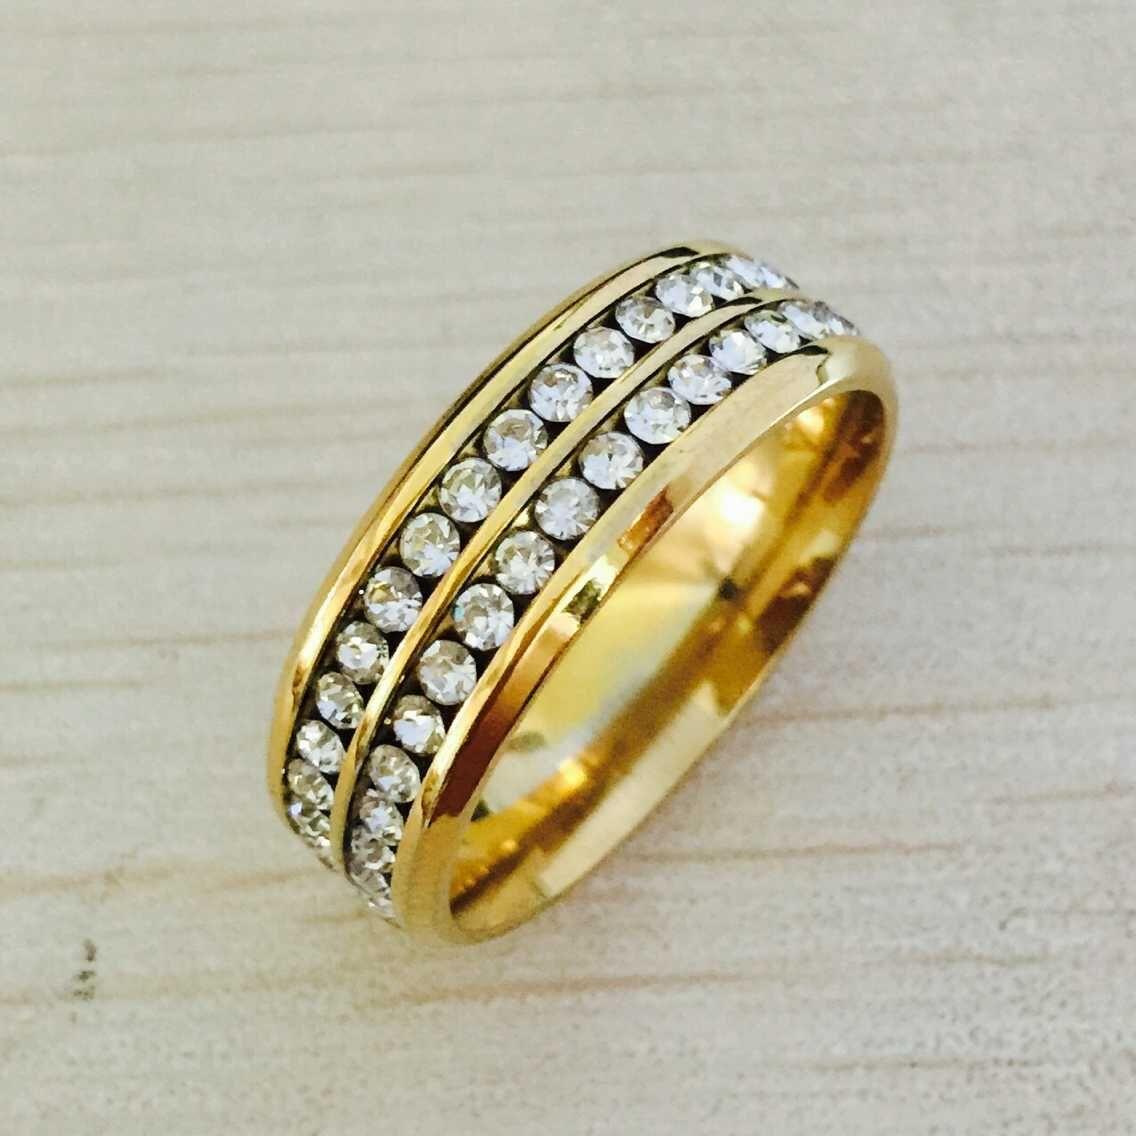 Lujo 18K chapado en oro 2 filas CZ anillos de diamantes Top Classic anillo de los amantes del anillo de bodas para mujeres y hombres al por mayor